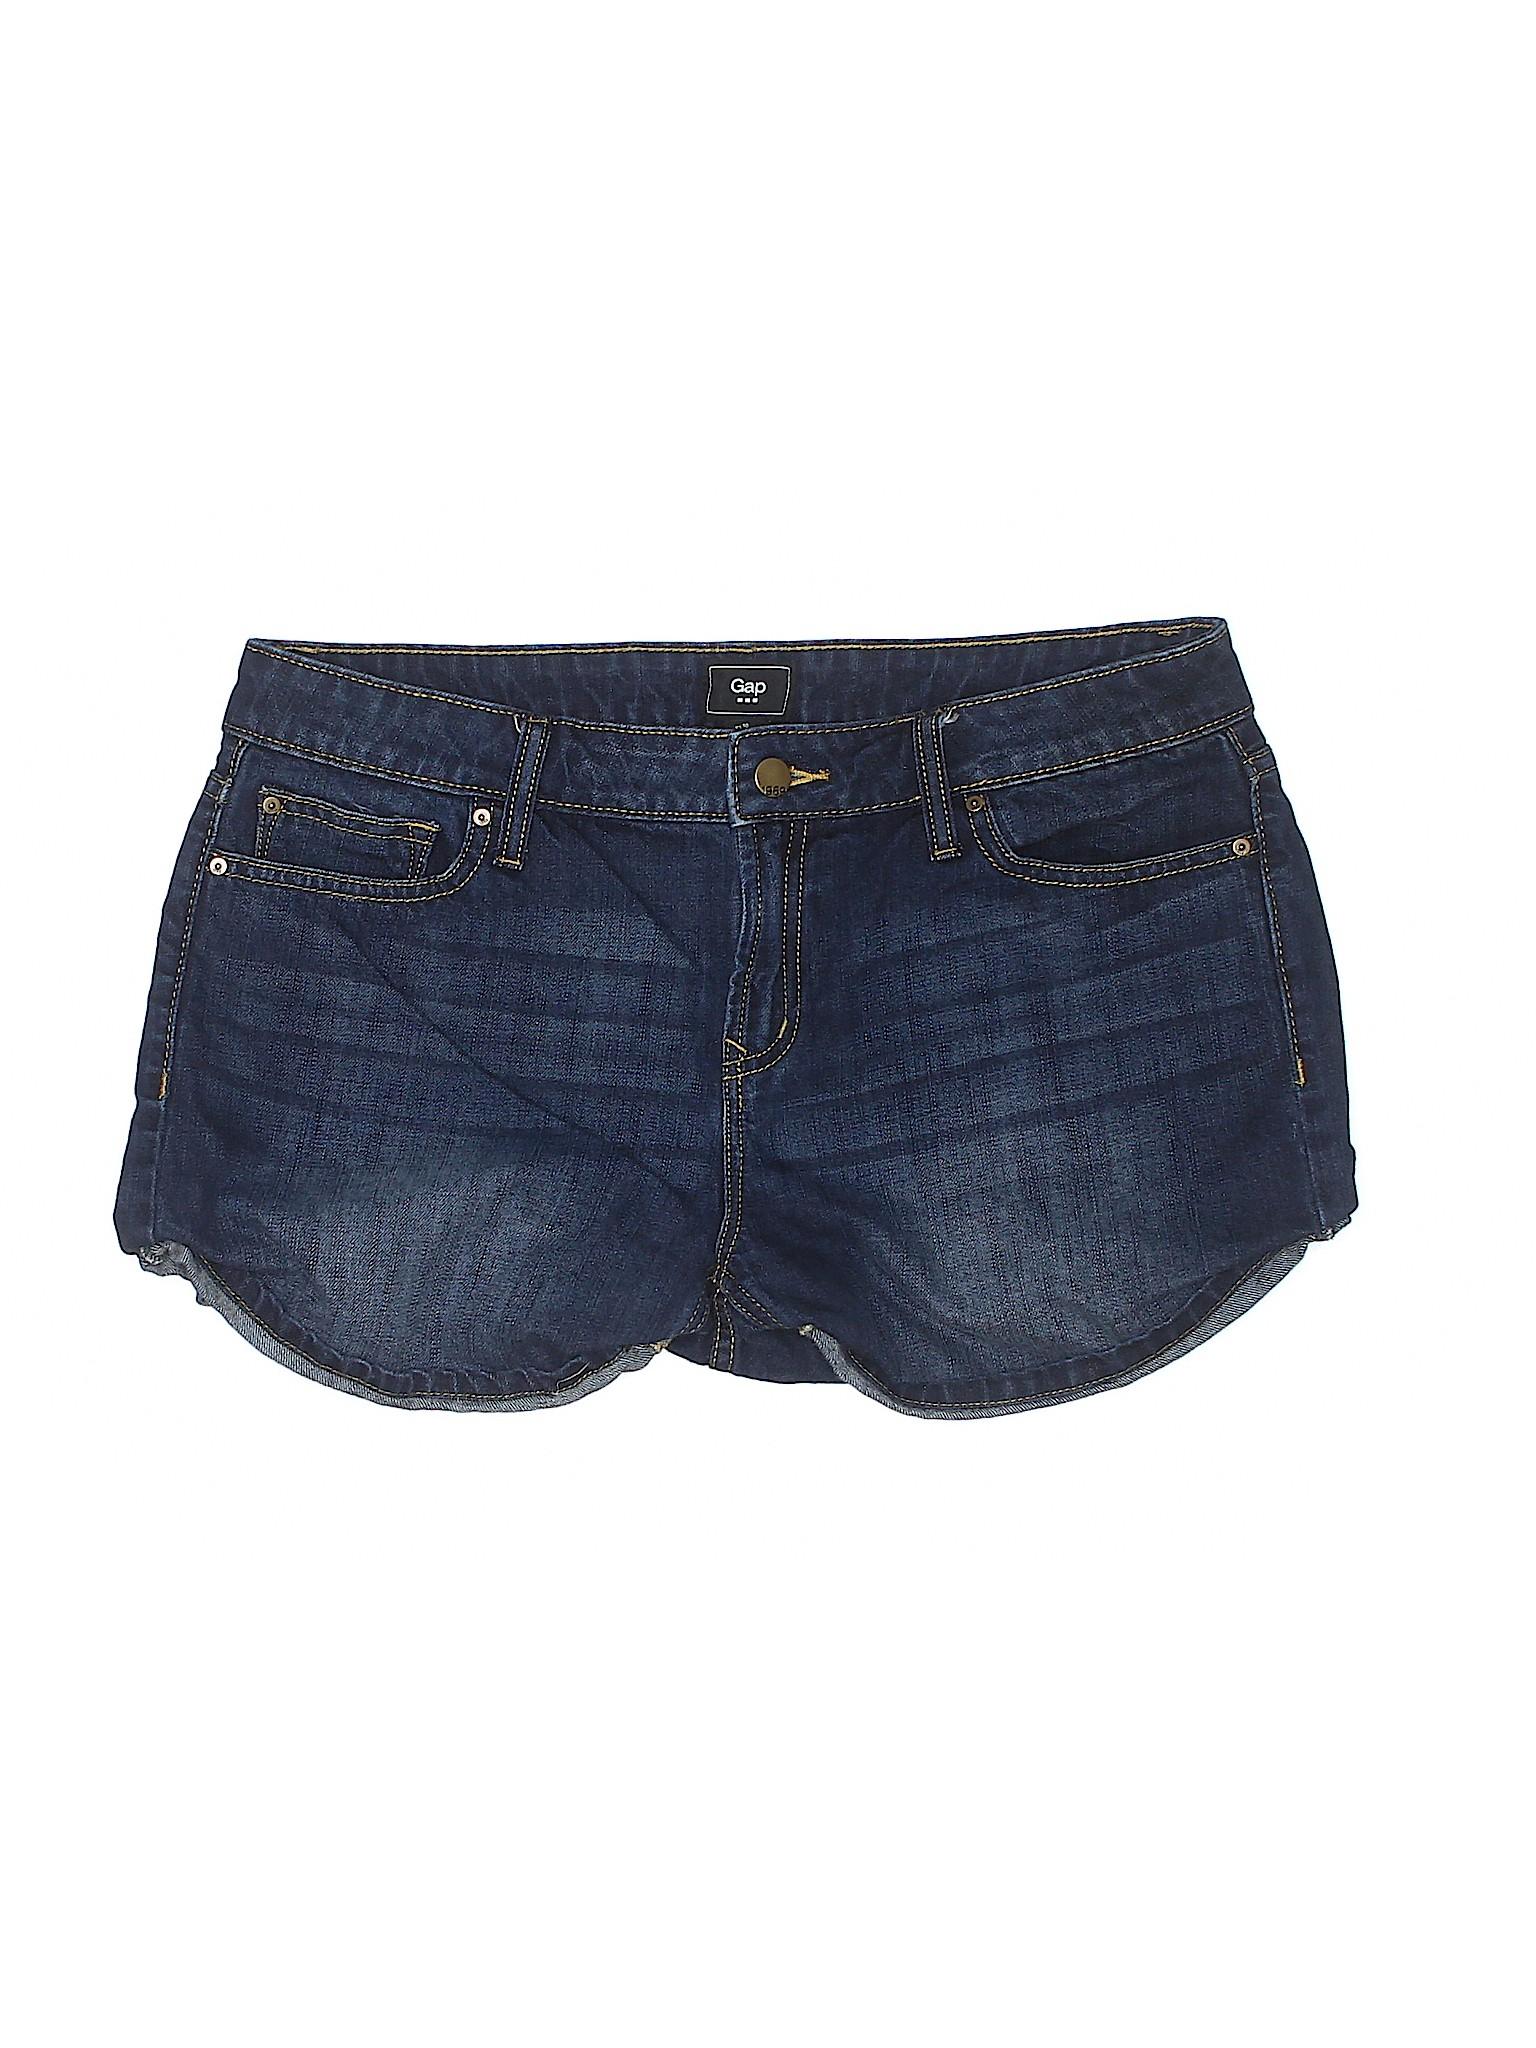 Denim Outlet Boutique Gap Boutique Shorts Gap wZZSOnq